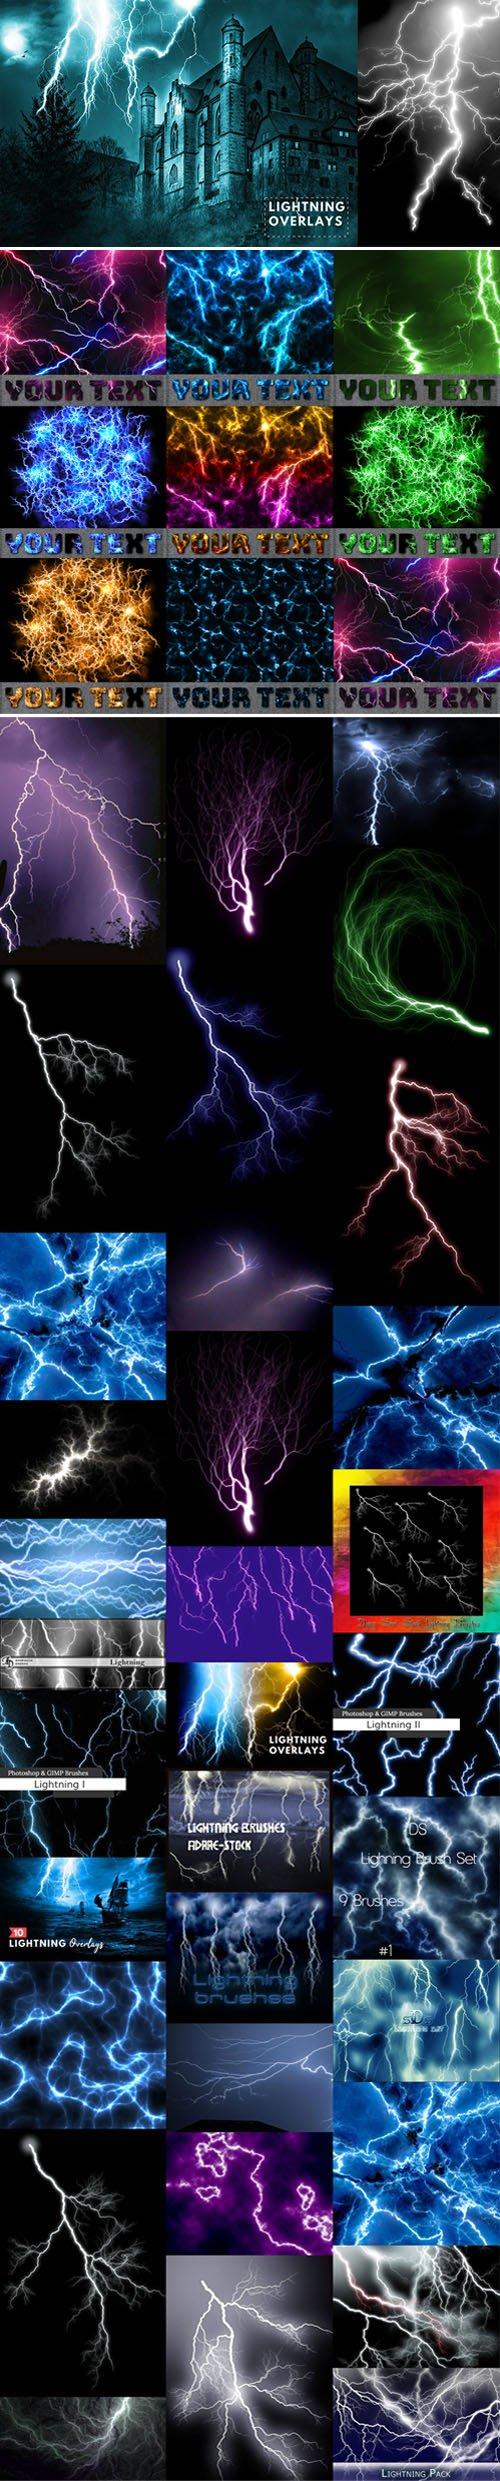 Lightning Overlays & Brushes for Photoshop